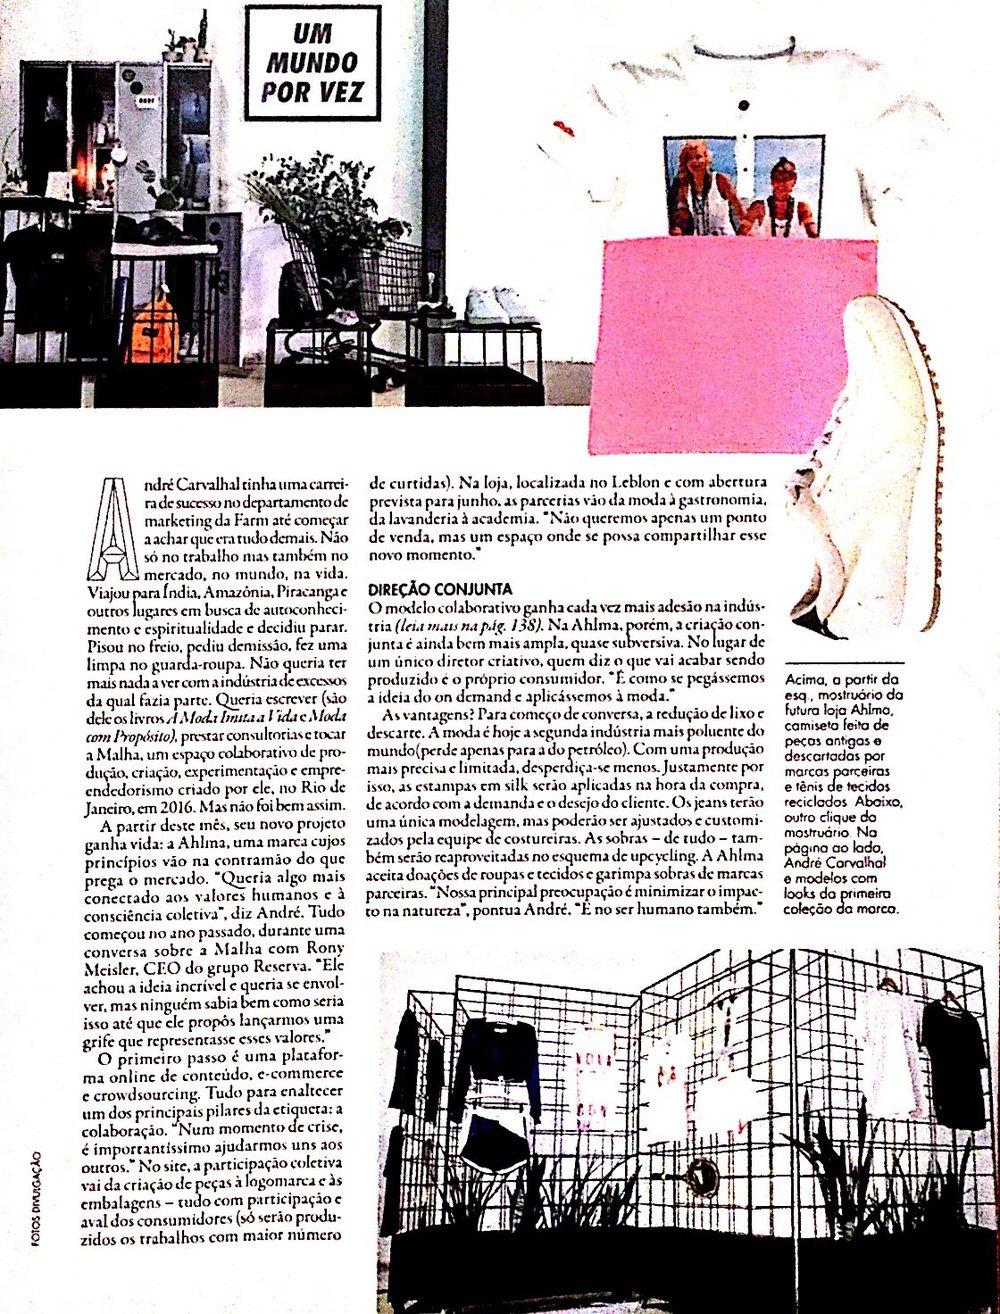 Revista Elle_Maio 2017 - Matéria para edição de aniversário da revista sobre a AHLMA com imagens do showroom.